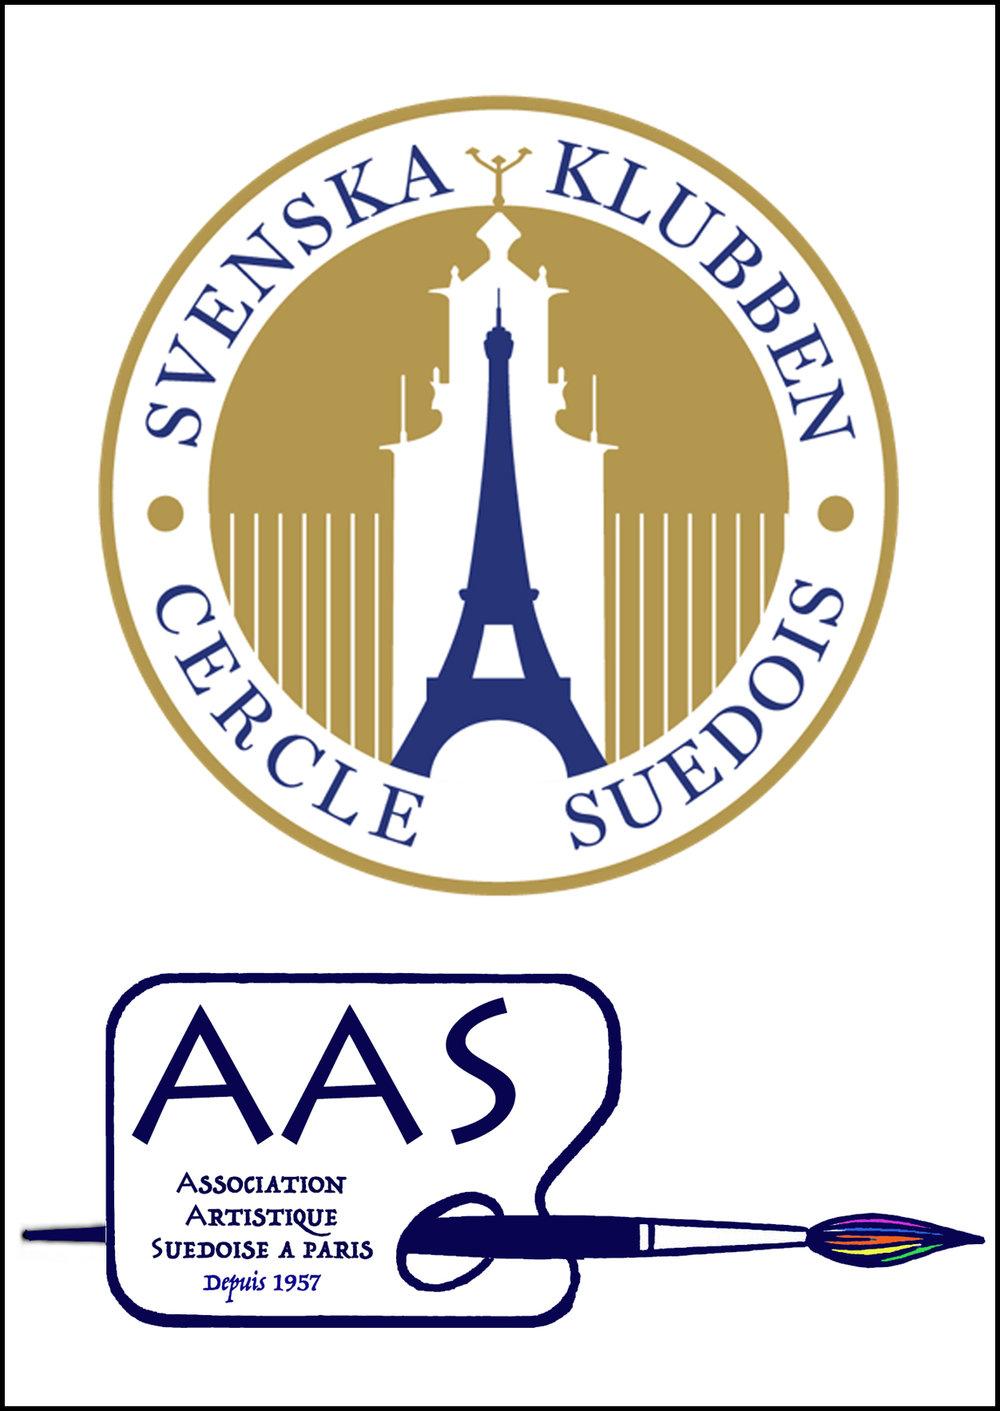 CERCLE SUEDOIS - PARIS, FRANCEExpo: 16/05/2019 - 04/06/2019Vernissage: 16/05/2019 (17h00-21h00)